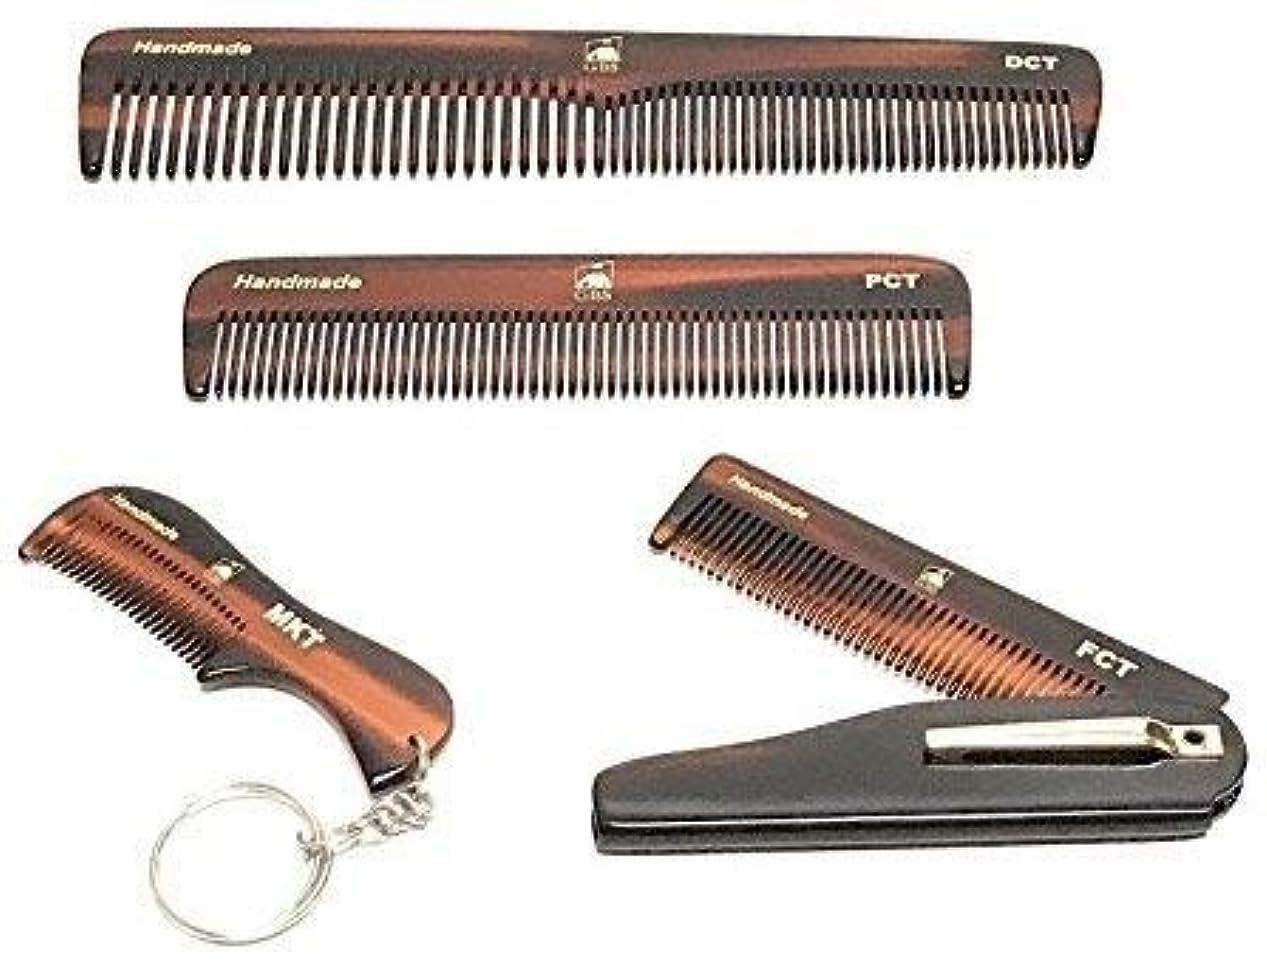 テナント平らにする練習したGBS Handmade Styling Anti-Static No Snag Saw-cut Teeth Grooming Hair and Beard Comb Set - For Mens Care - Dressing...